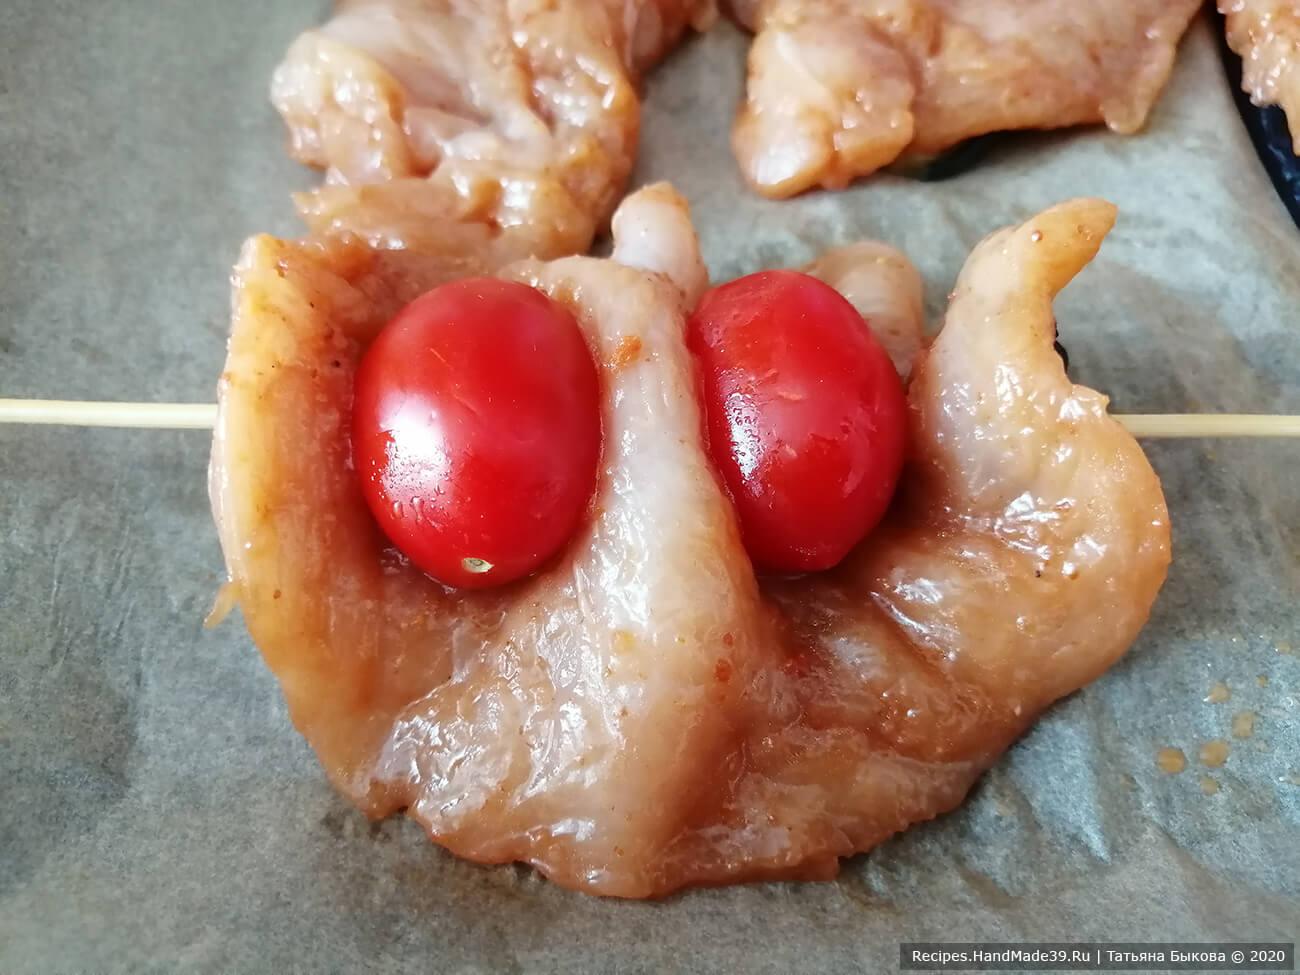 Нанизываем на шпажку помидоры черри, затем делаем складочку из баклажана с филе, а затем снова помидор